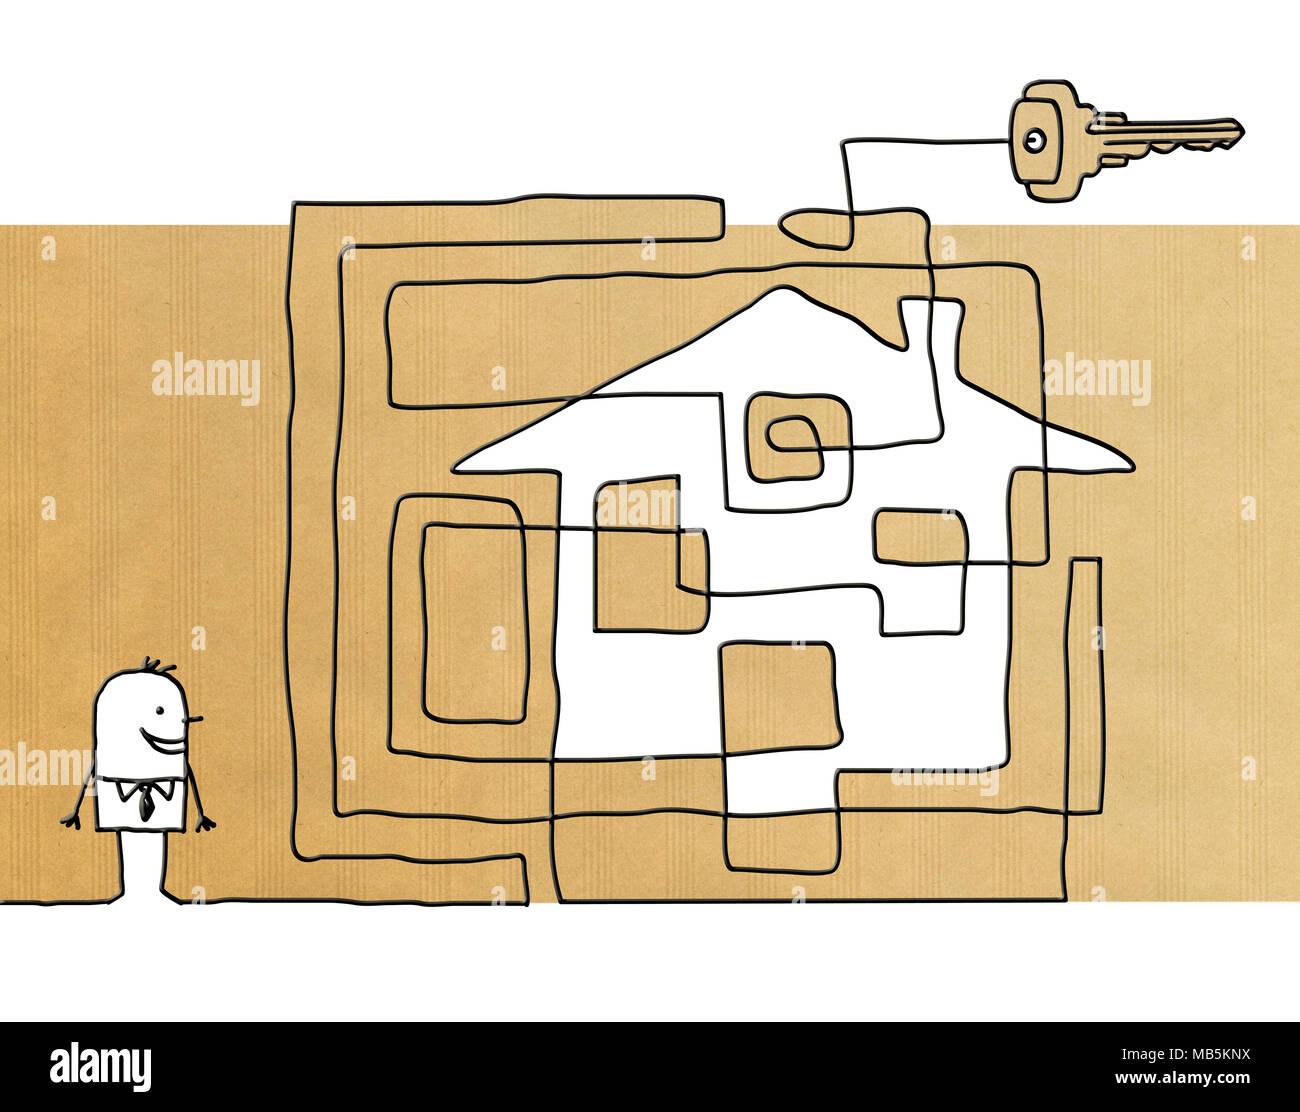 Lhomme dessin animé avec maison maze et clé